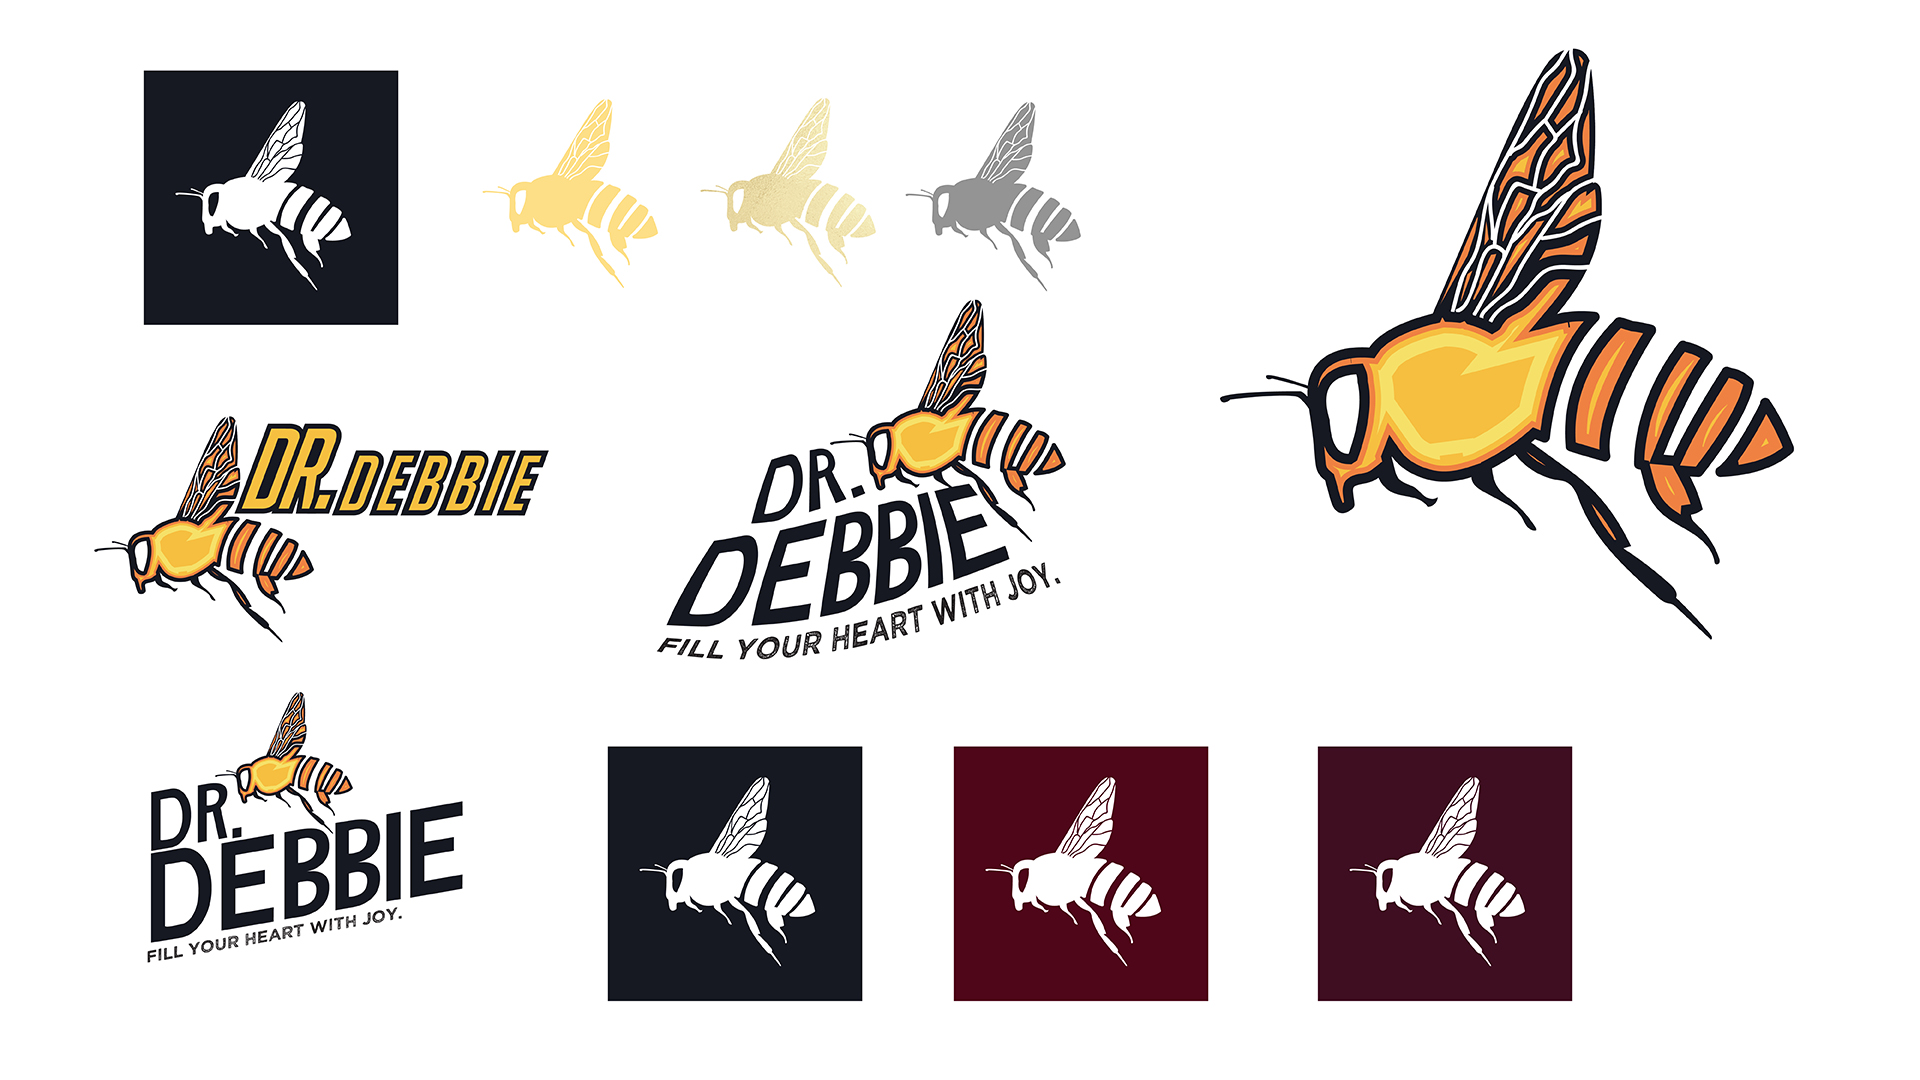 DEBee6-01.jpg